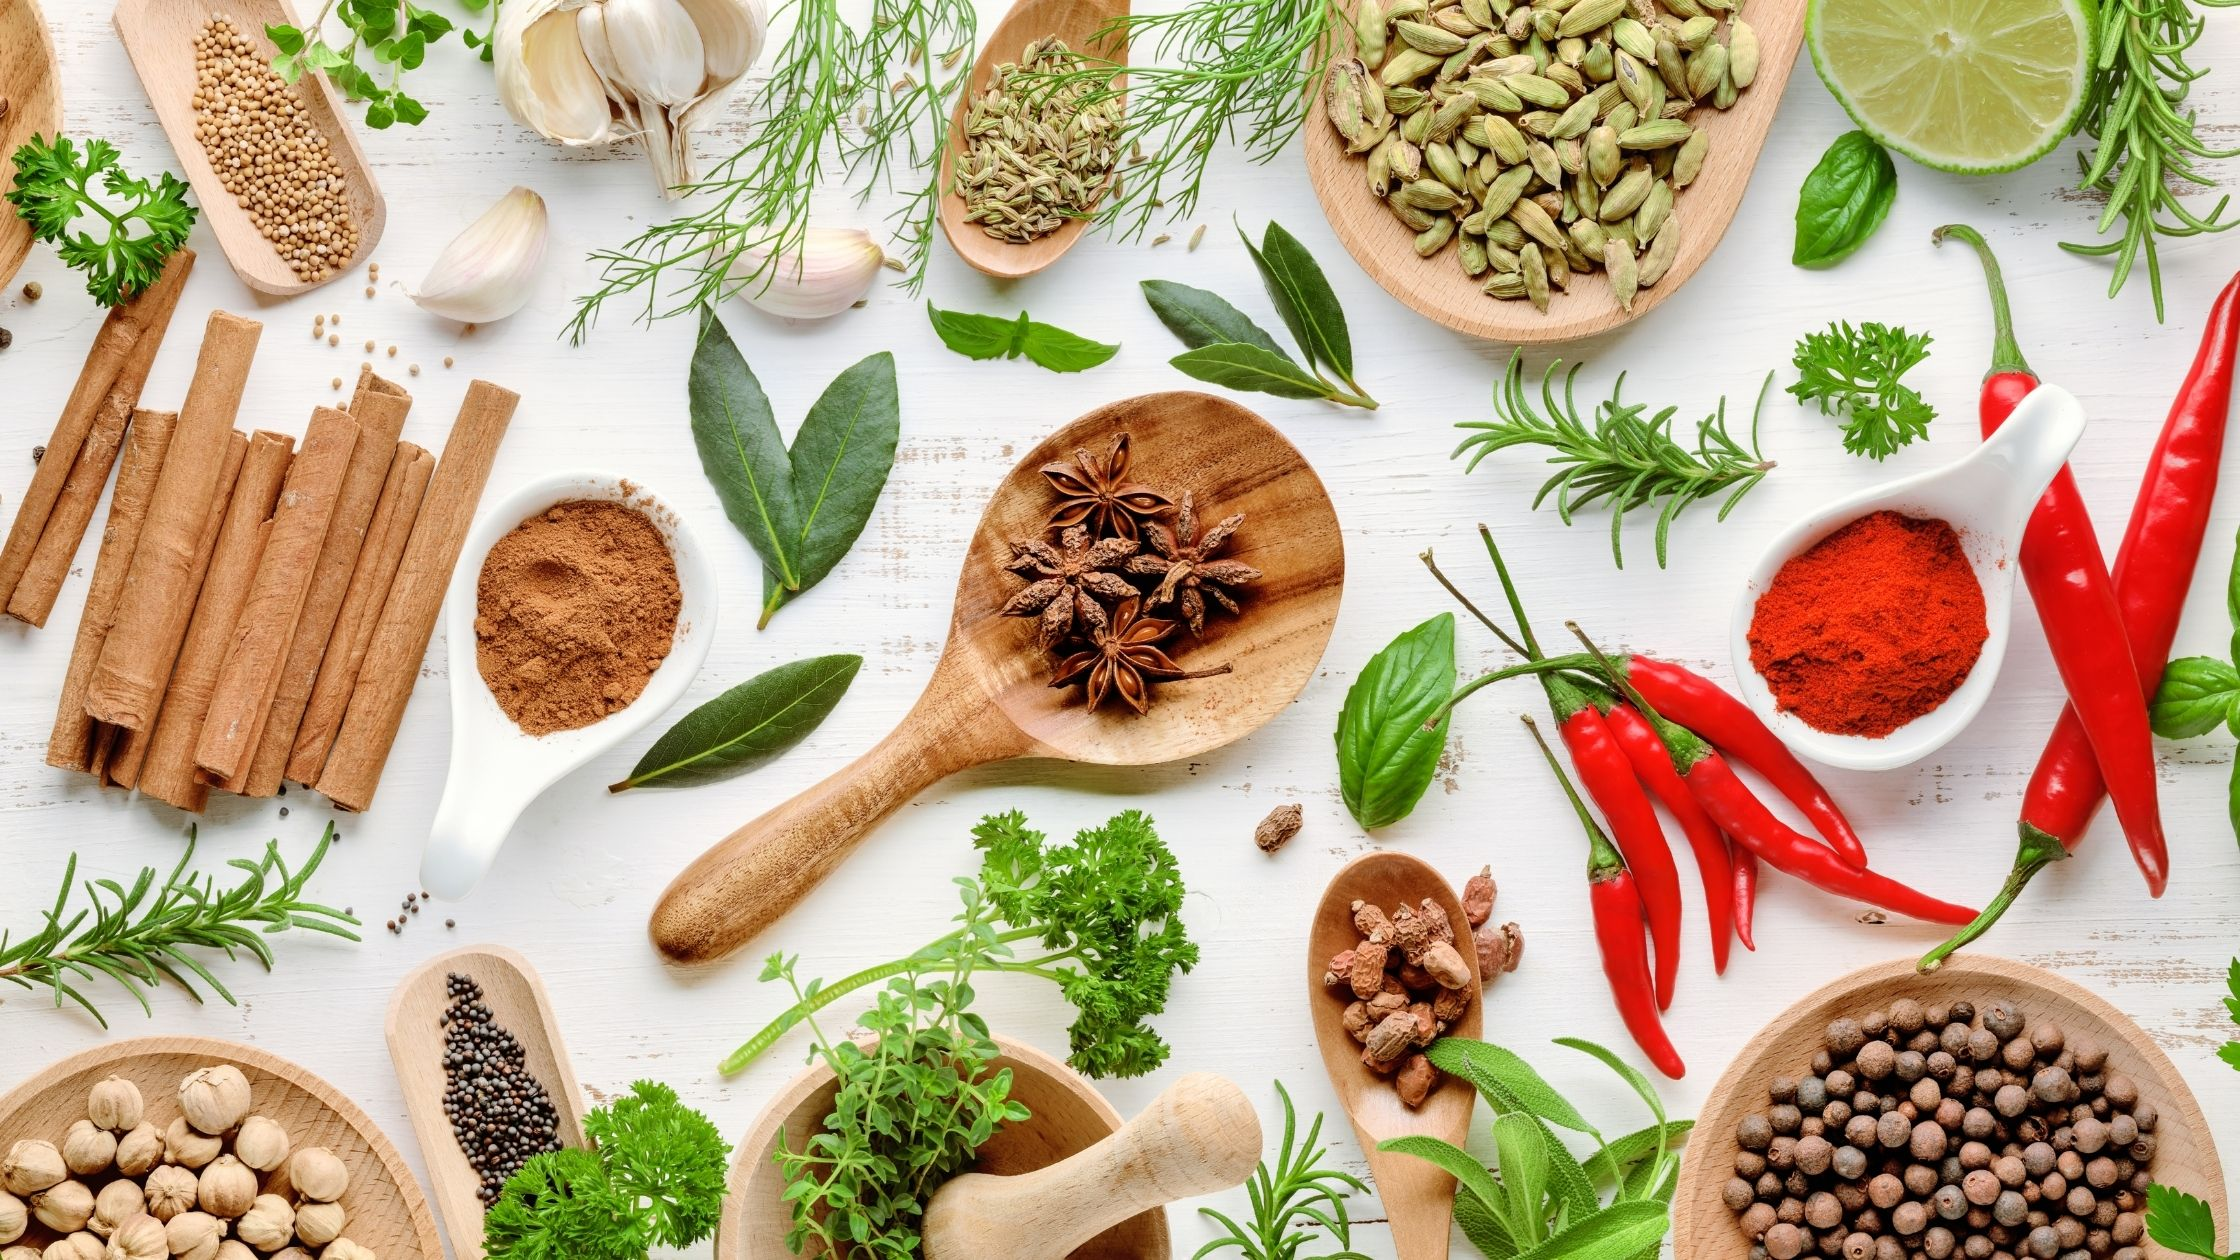 Proprietà e benefici delle spezie